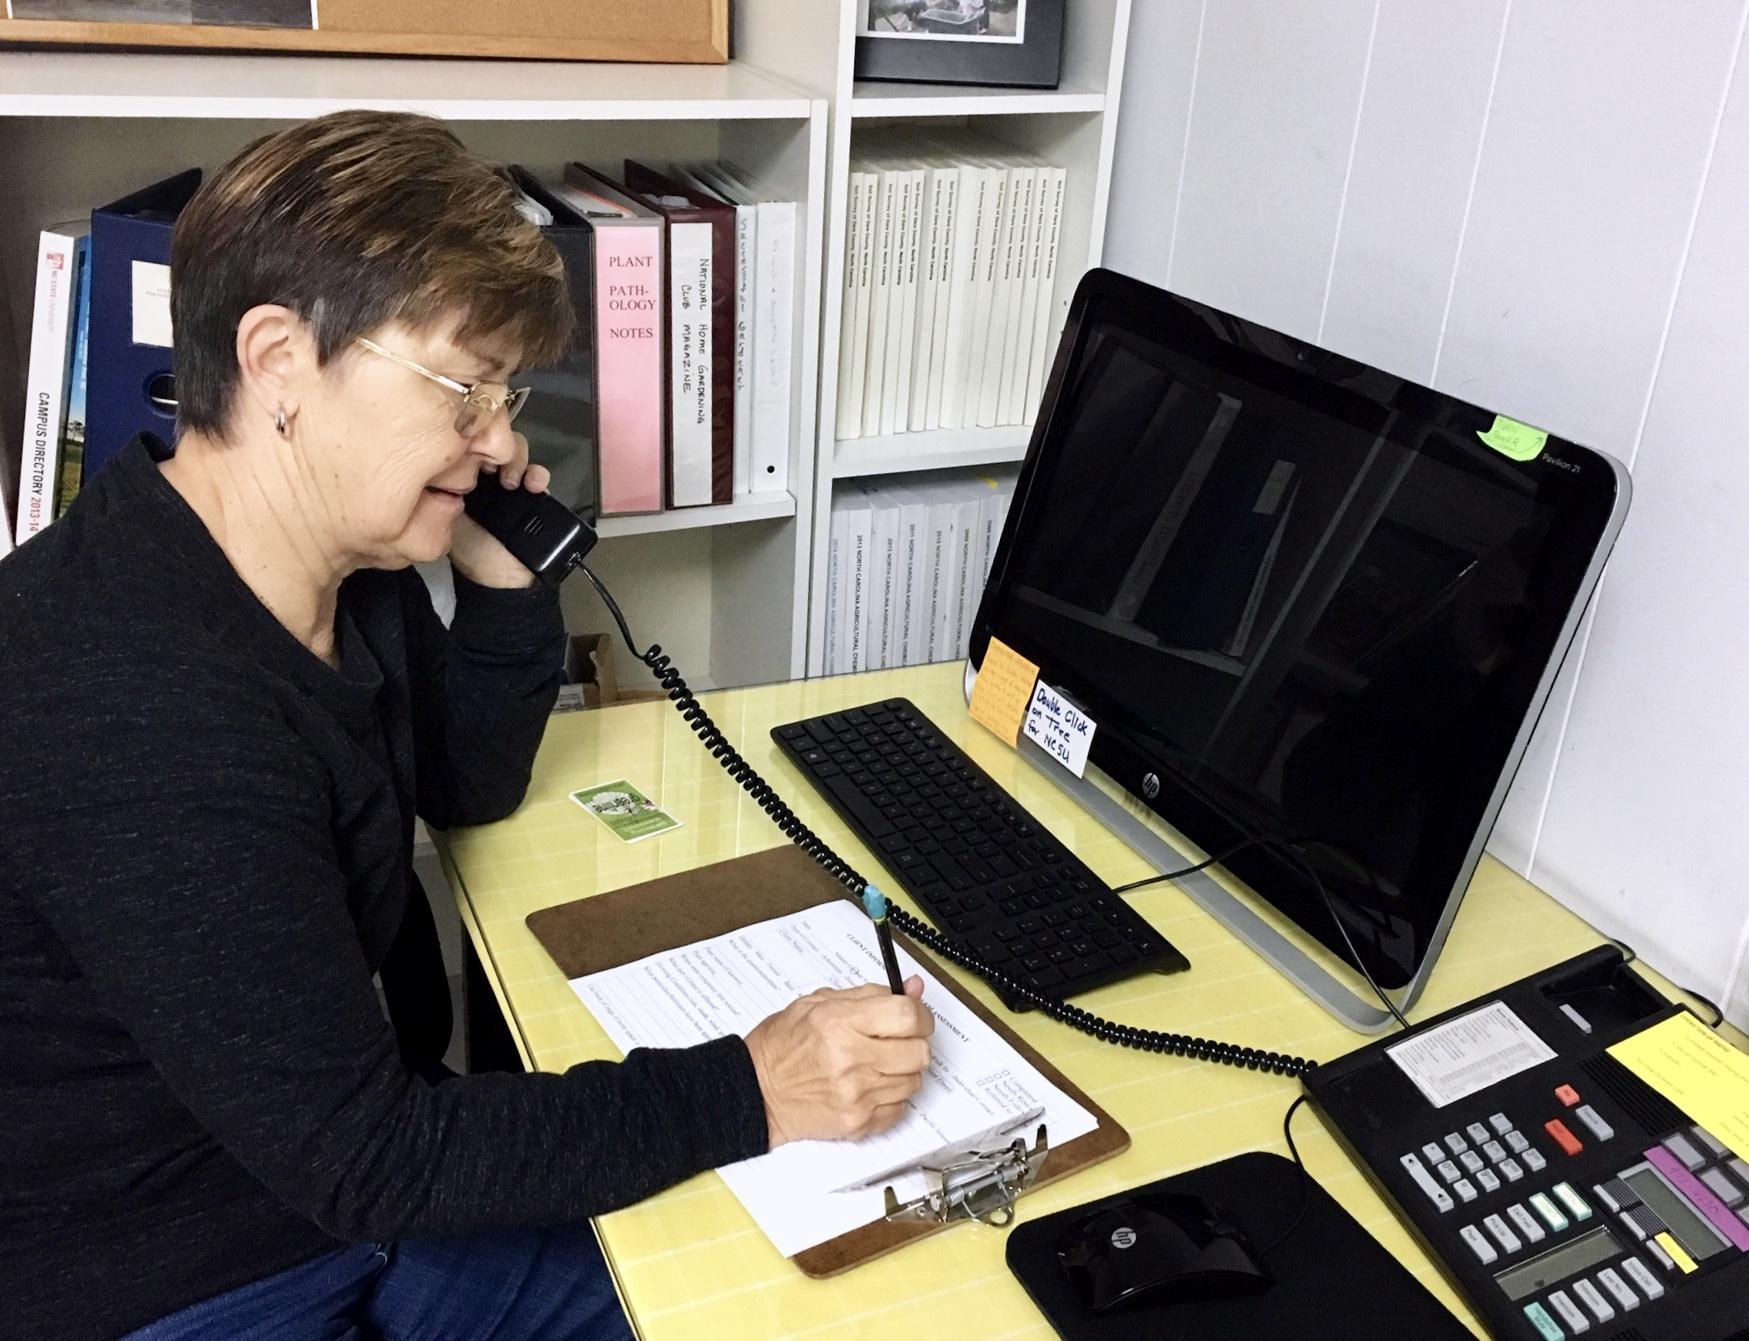 volunteer on the phone